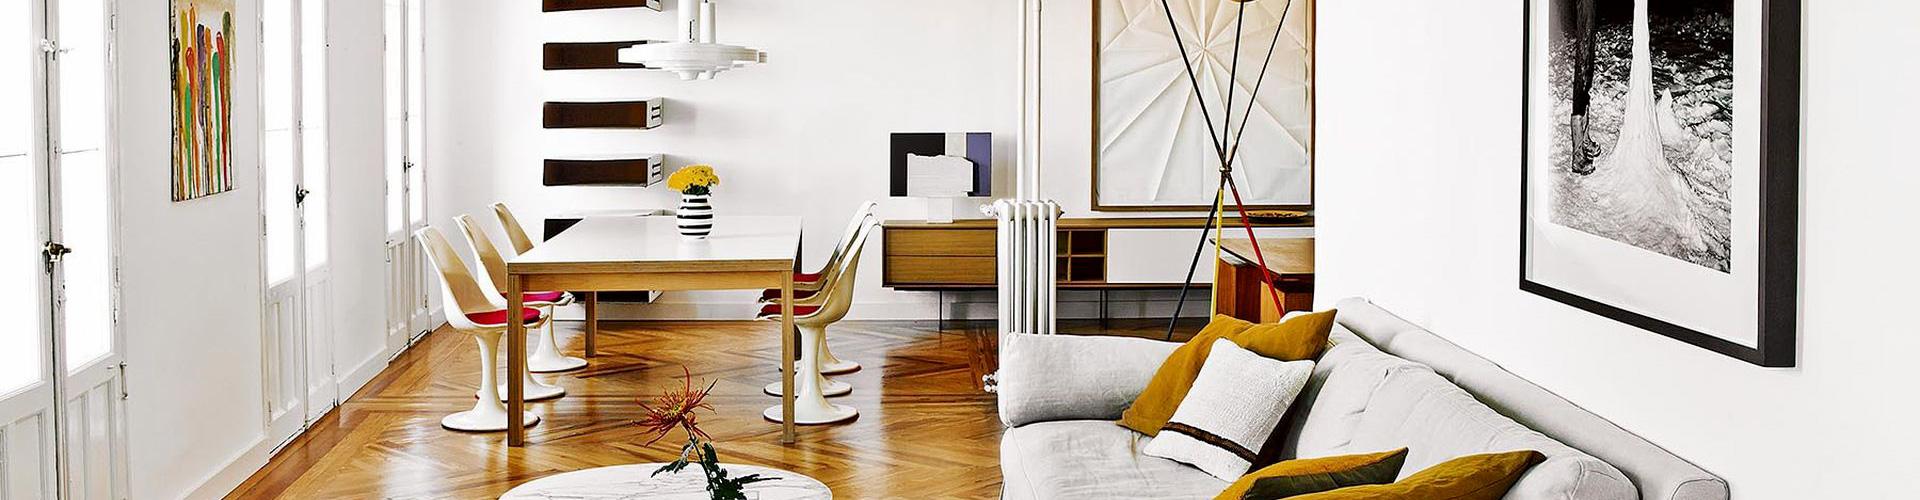 Soluzioni di styling e di interior design con un tocco retrò chic